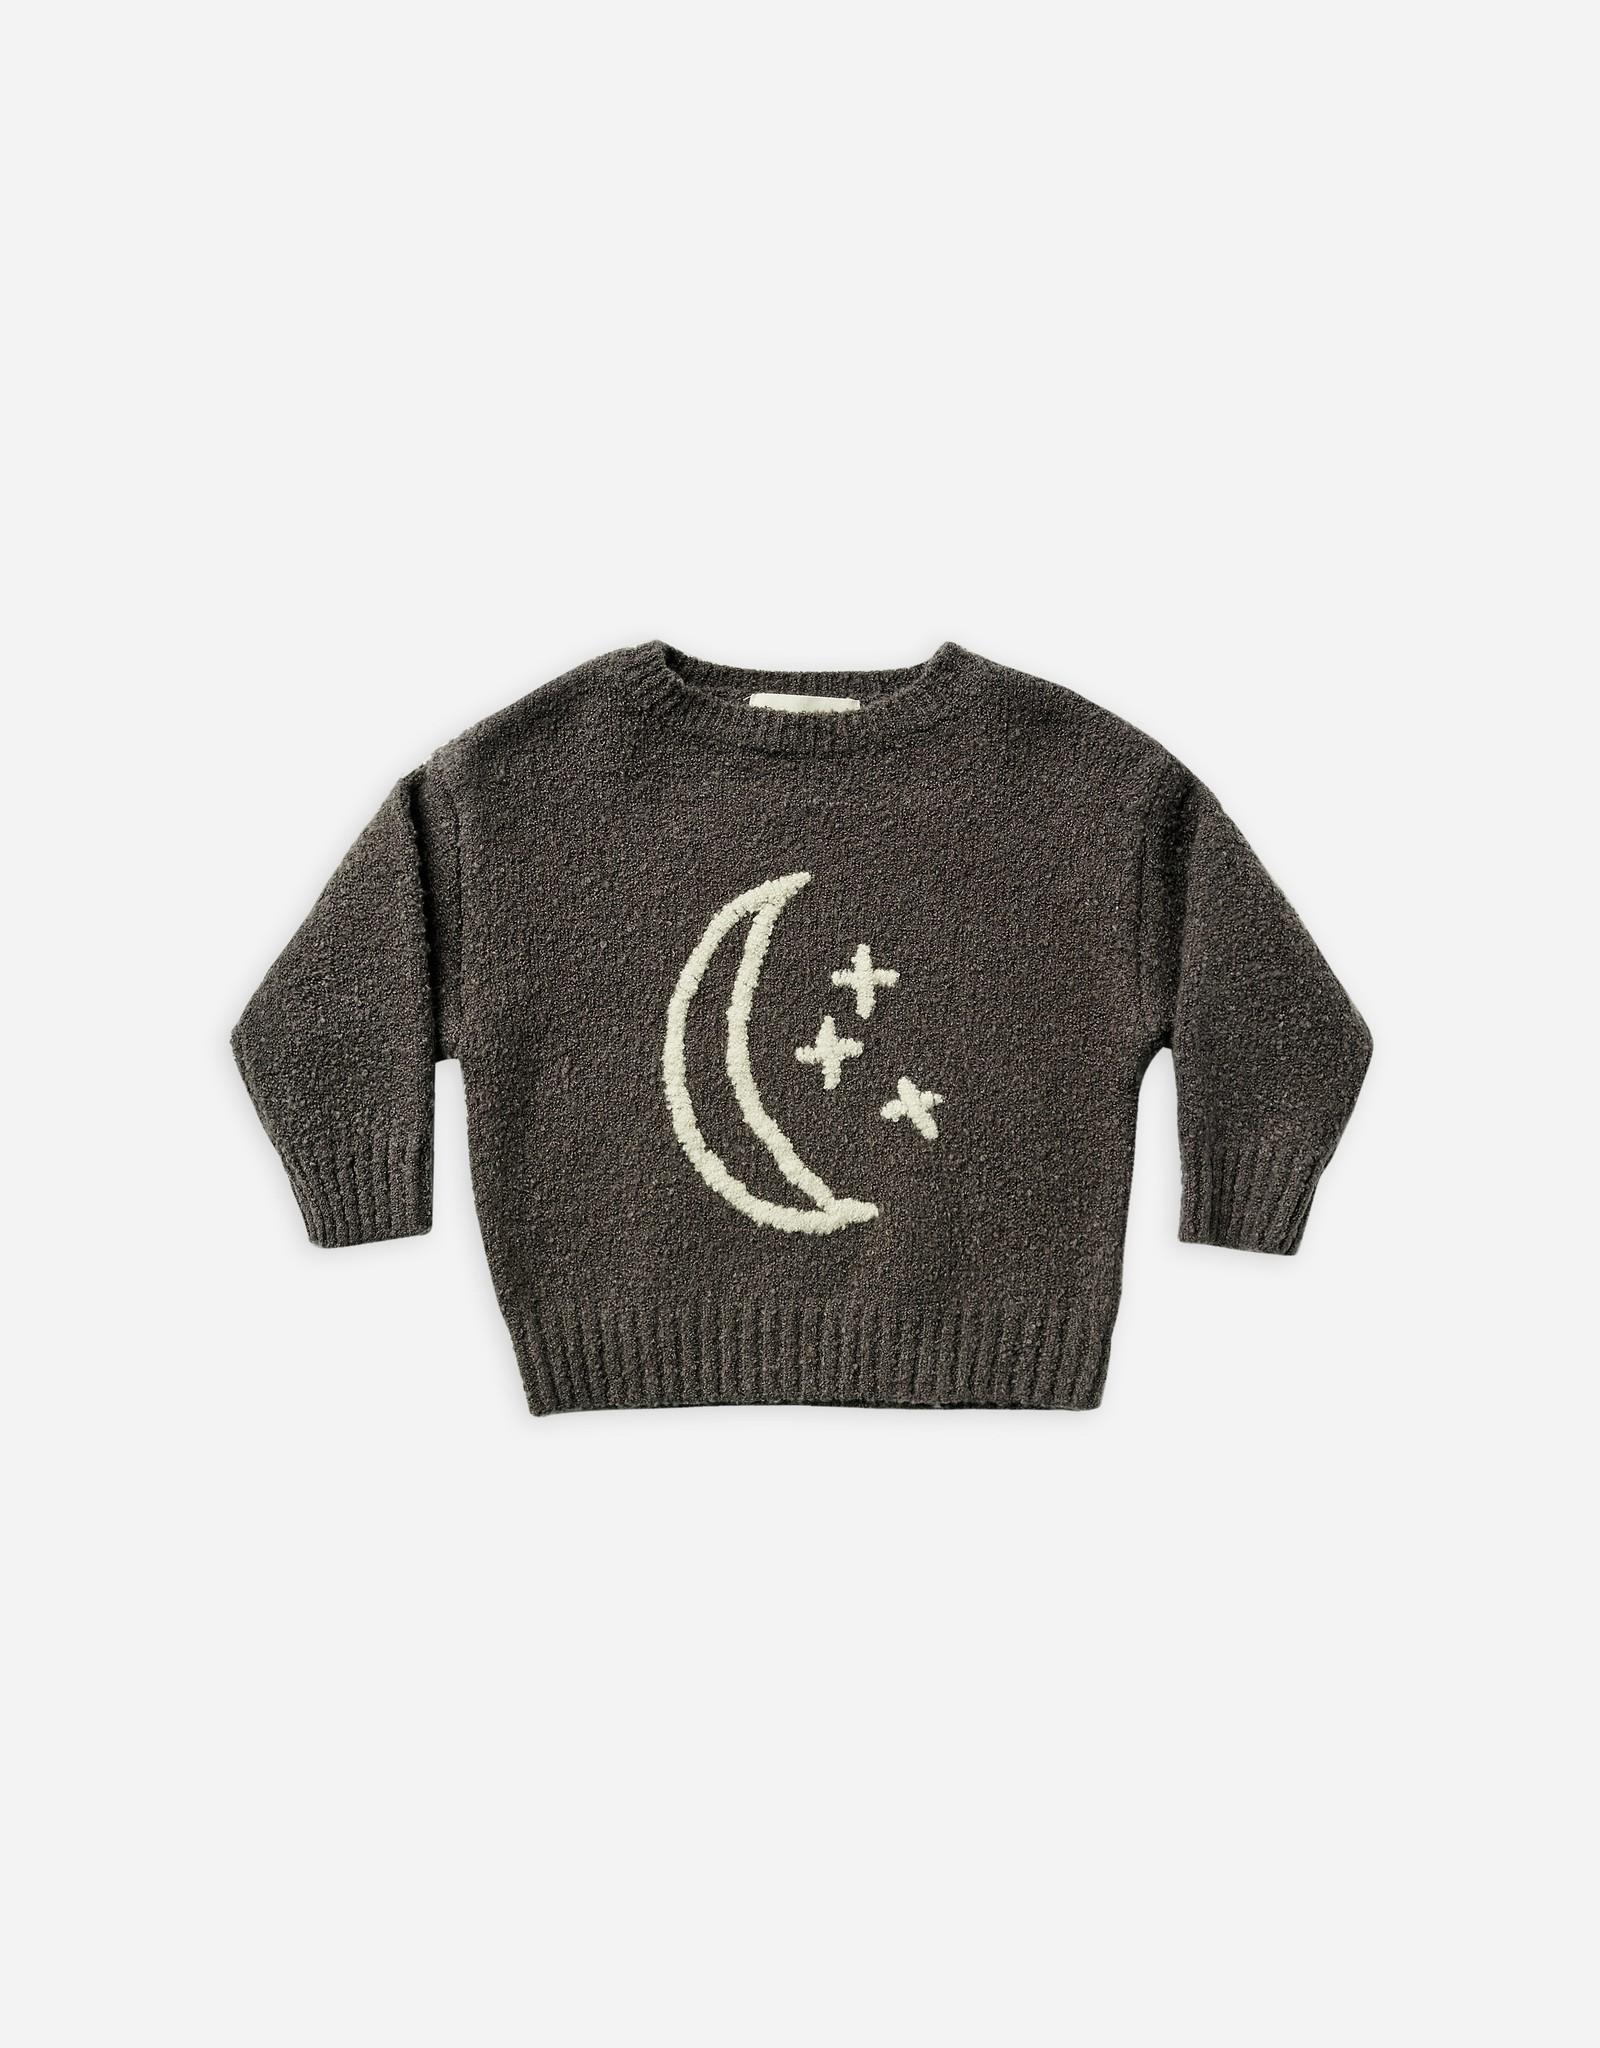 Rylee & Cru Rylee & Cru Moon / Stars Sweater